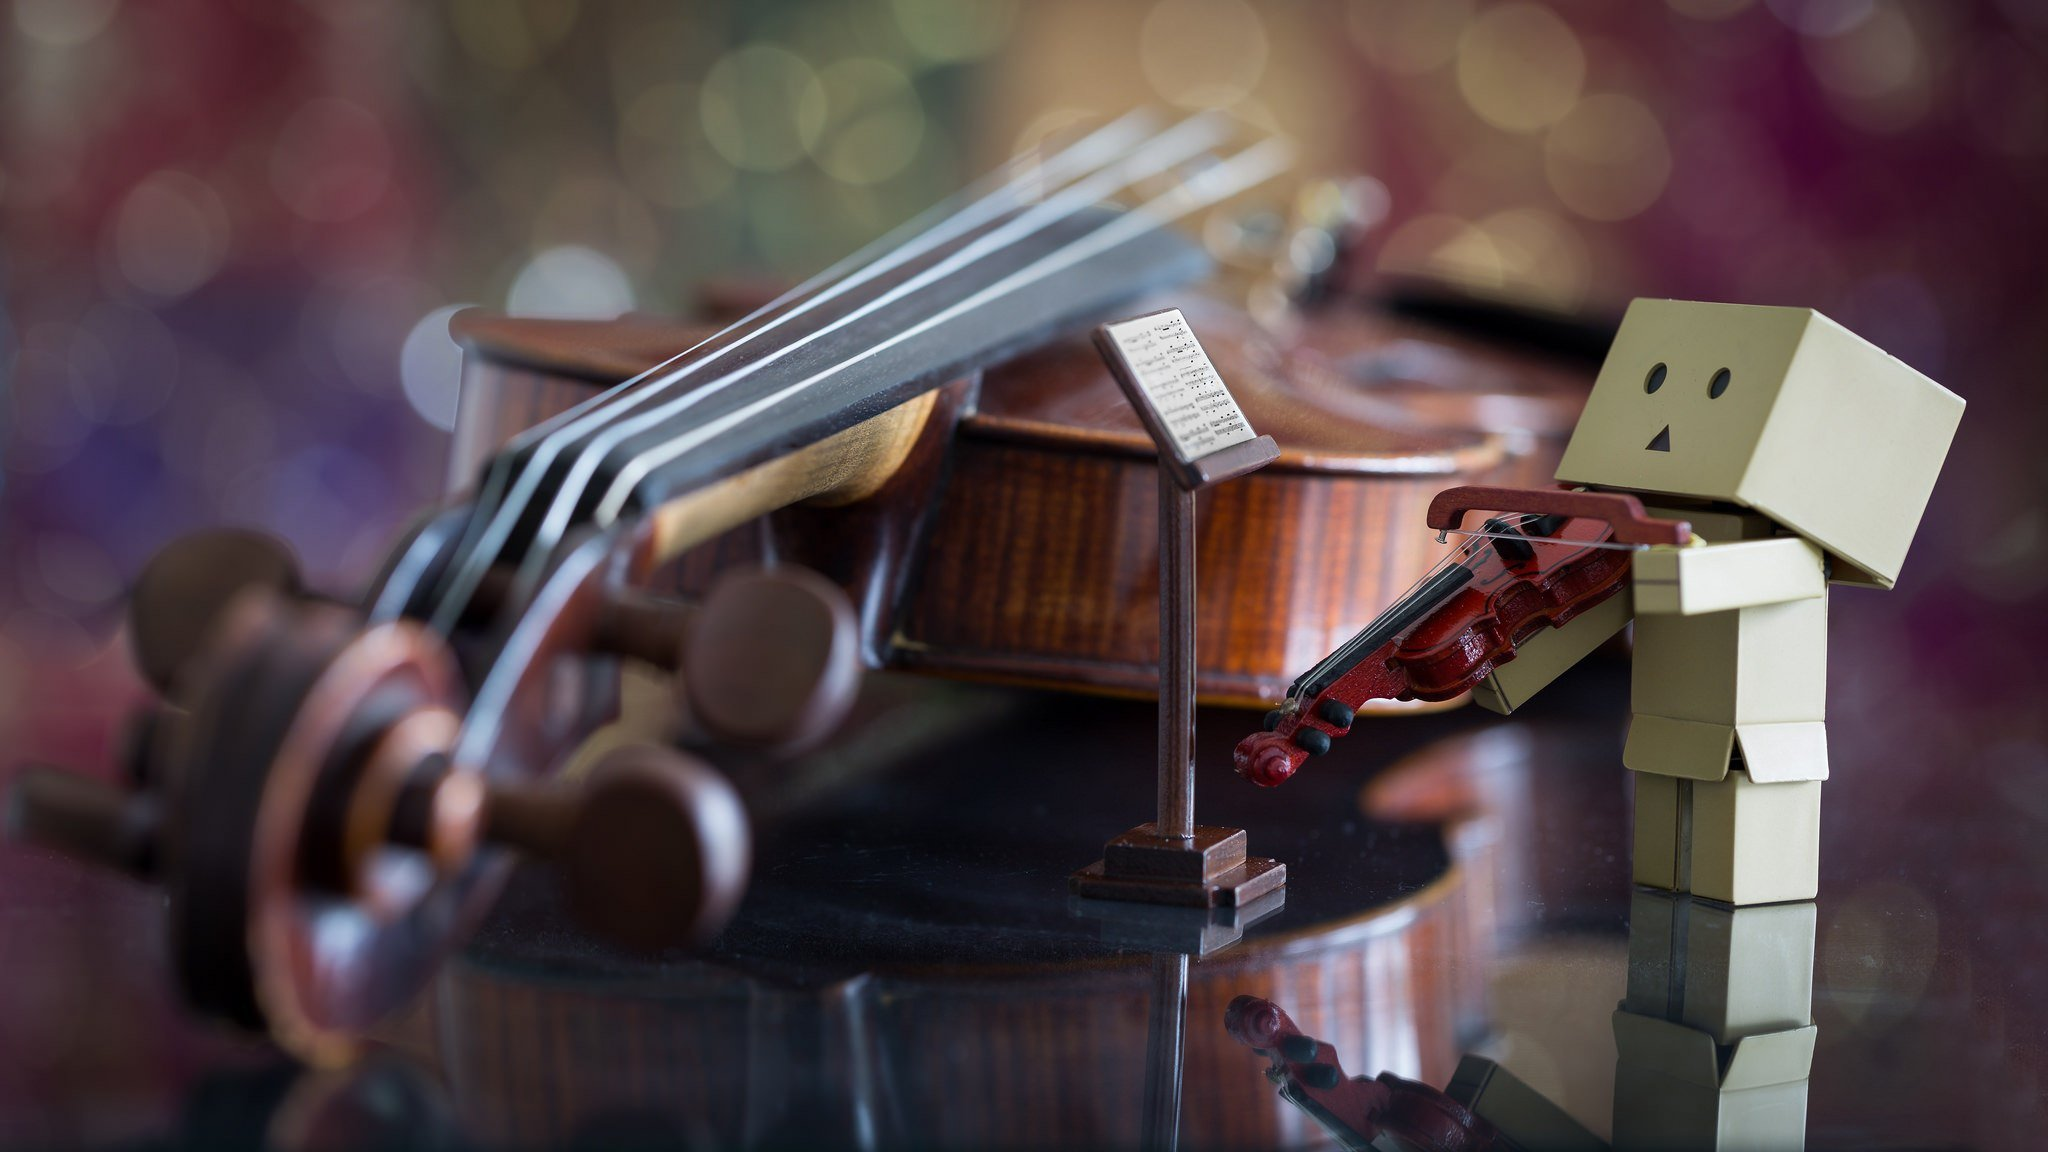 скрипка, ноты, торт  № 1908249 загрузить